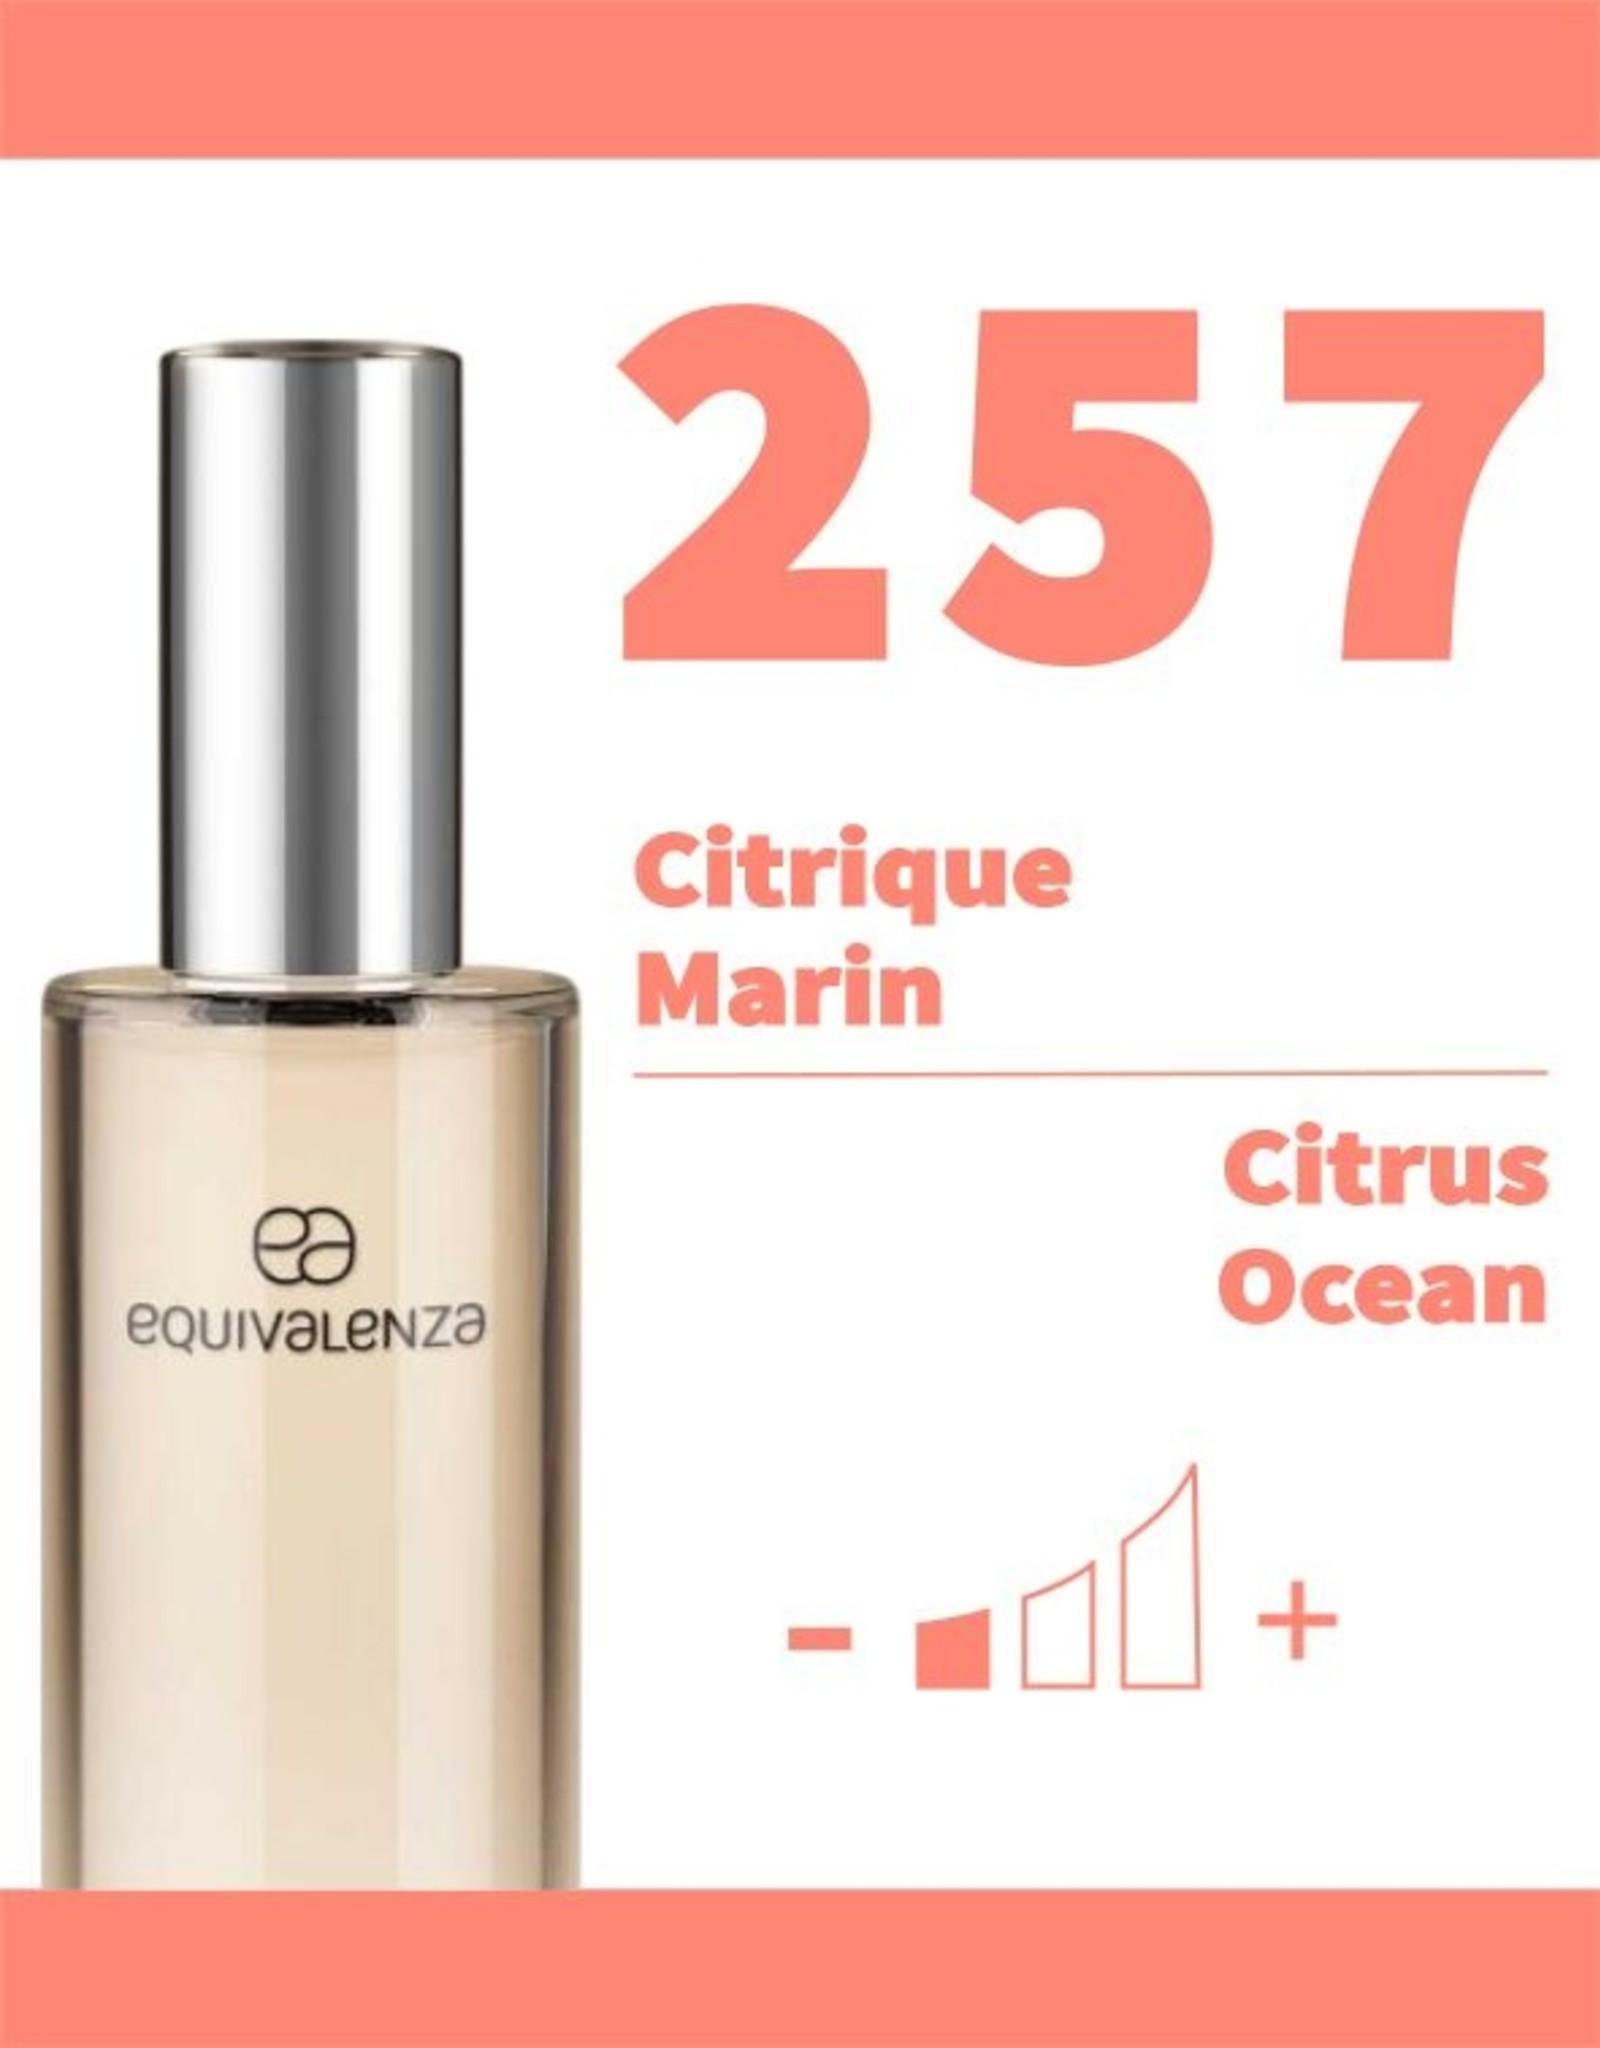 Equivalenza Eau de Toilette Citrus Ocean 257